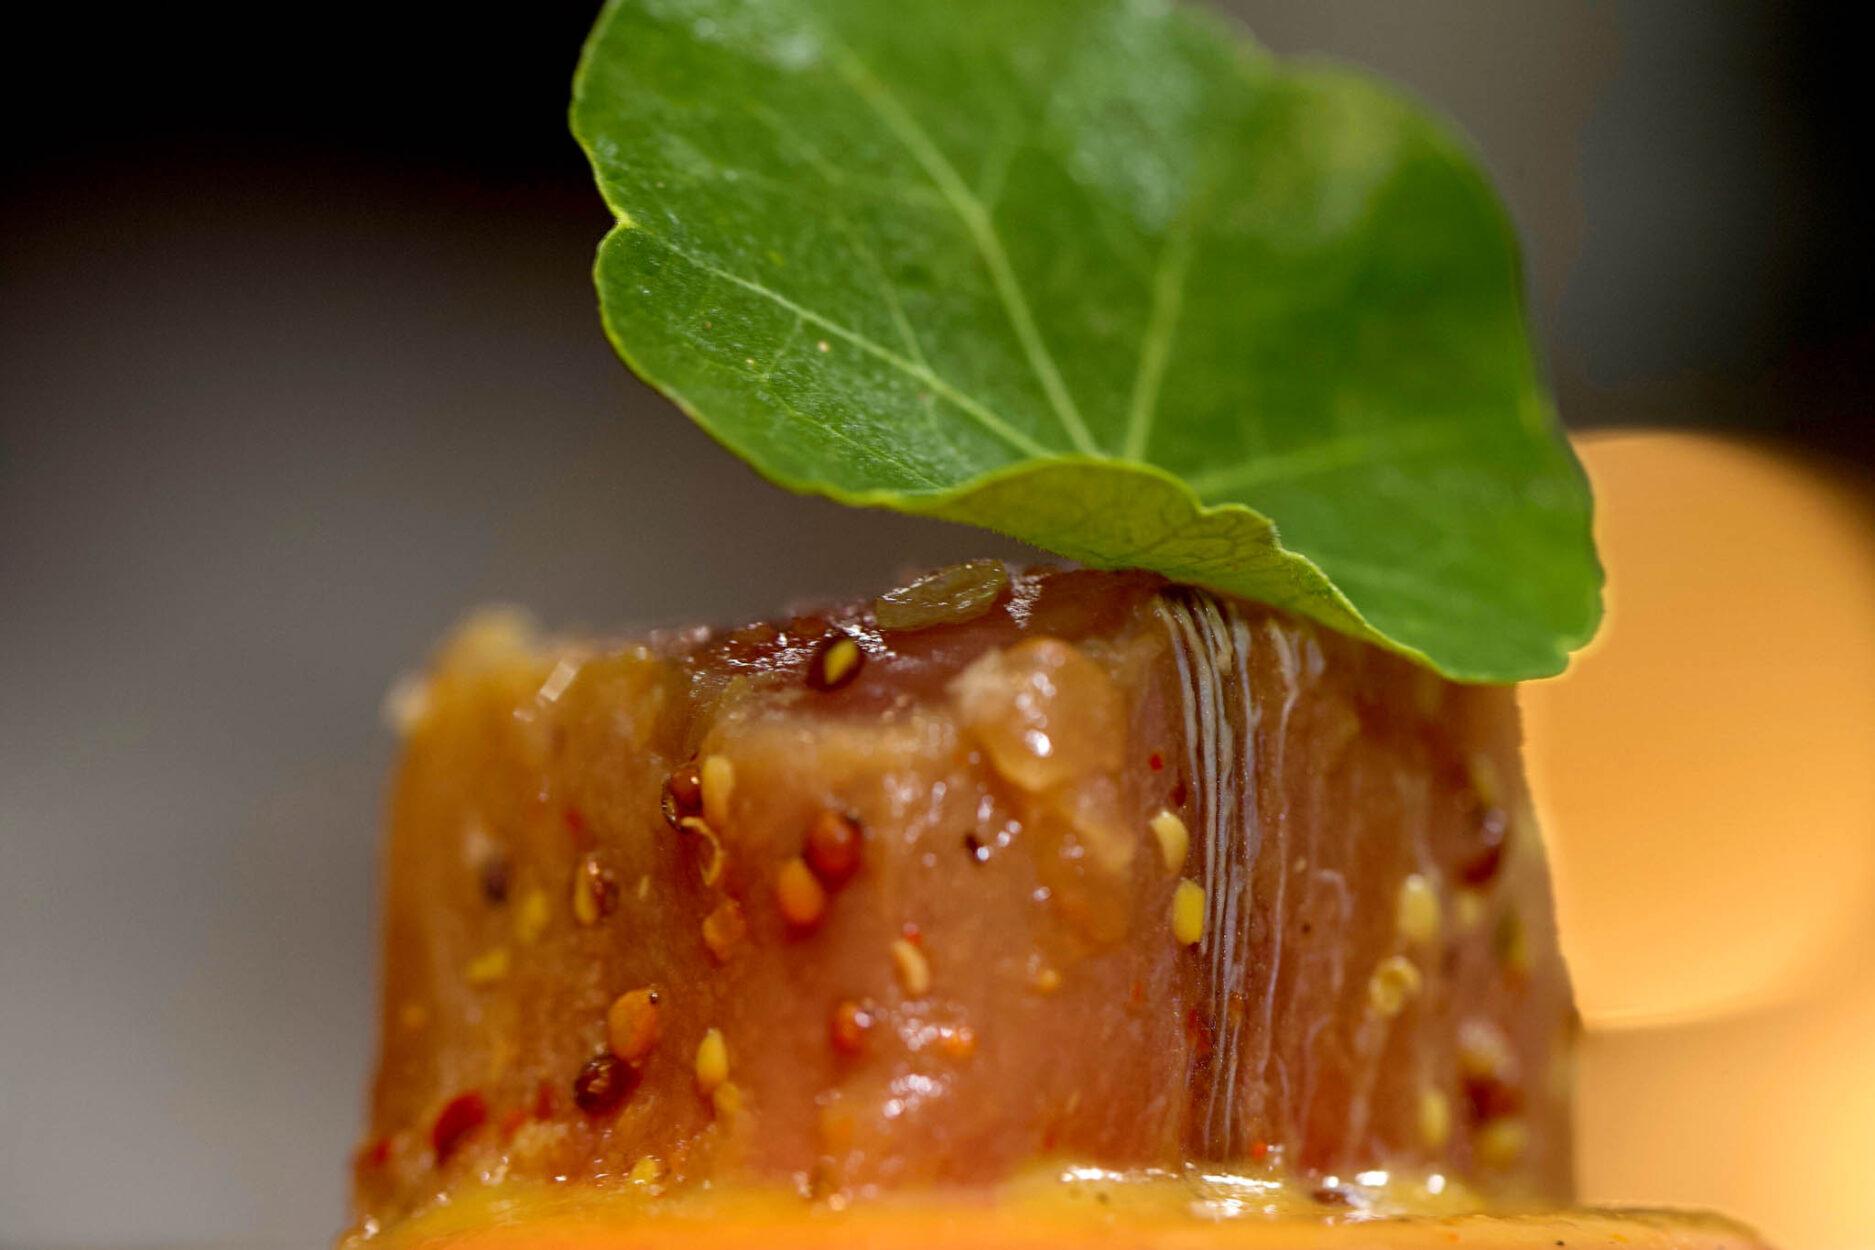 gastronomica-alimentos-nicoletalupuagency (16 of 84)